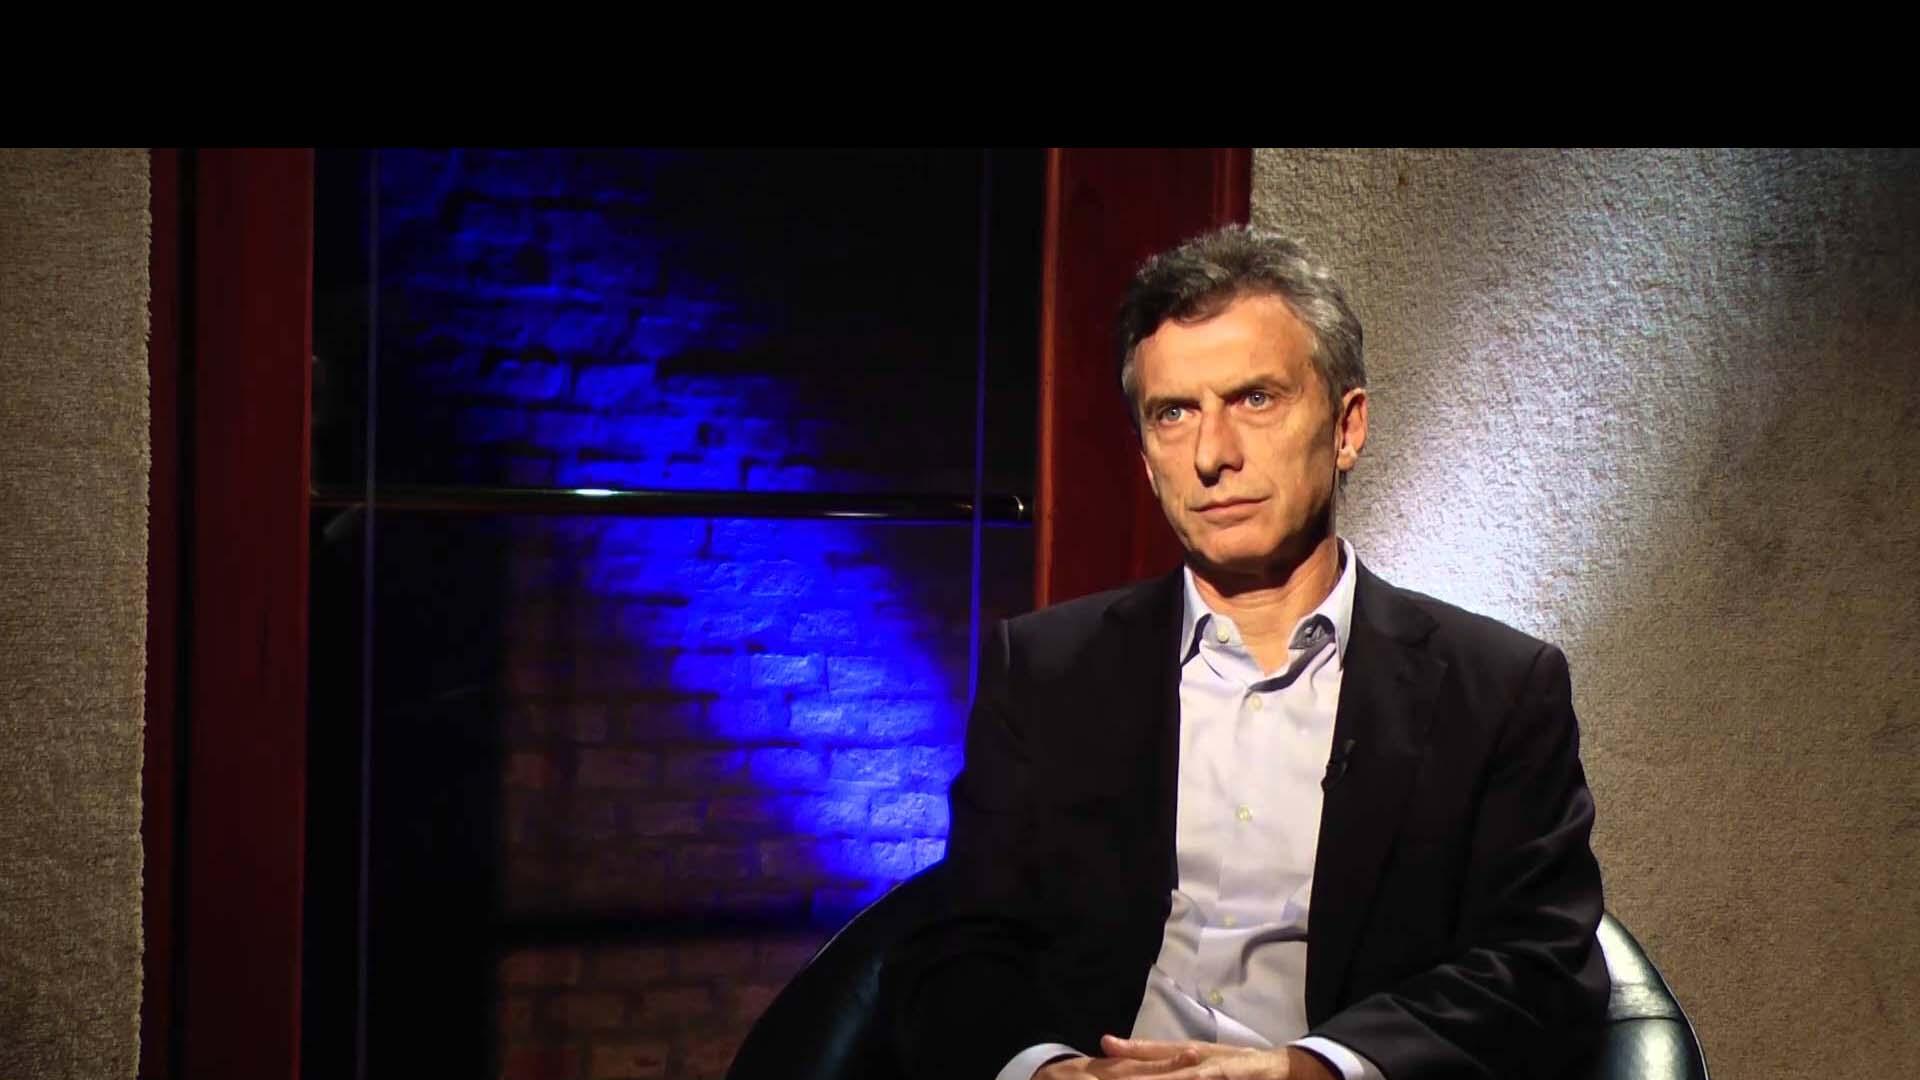 La justicia argentina resolvió falta de pruebas en la investigación escuchas telefónicas ilegales